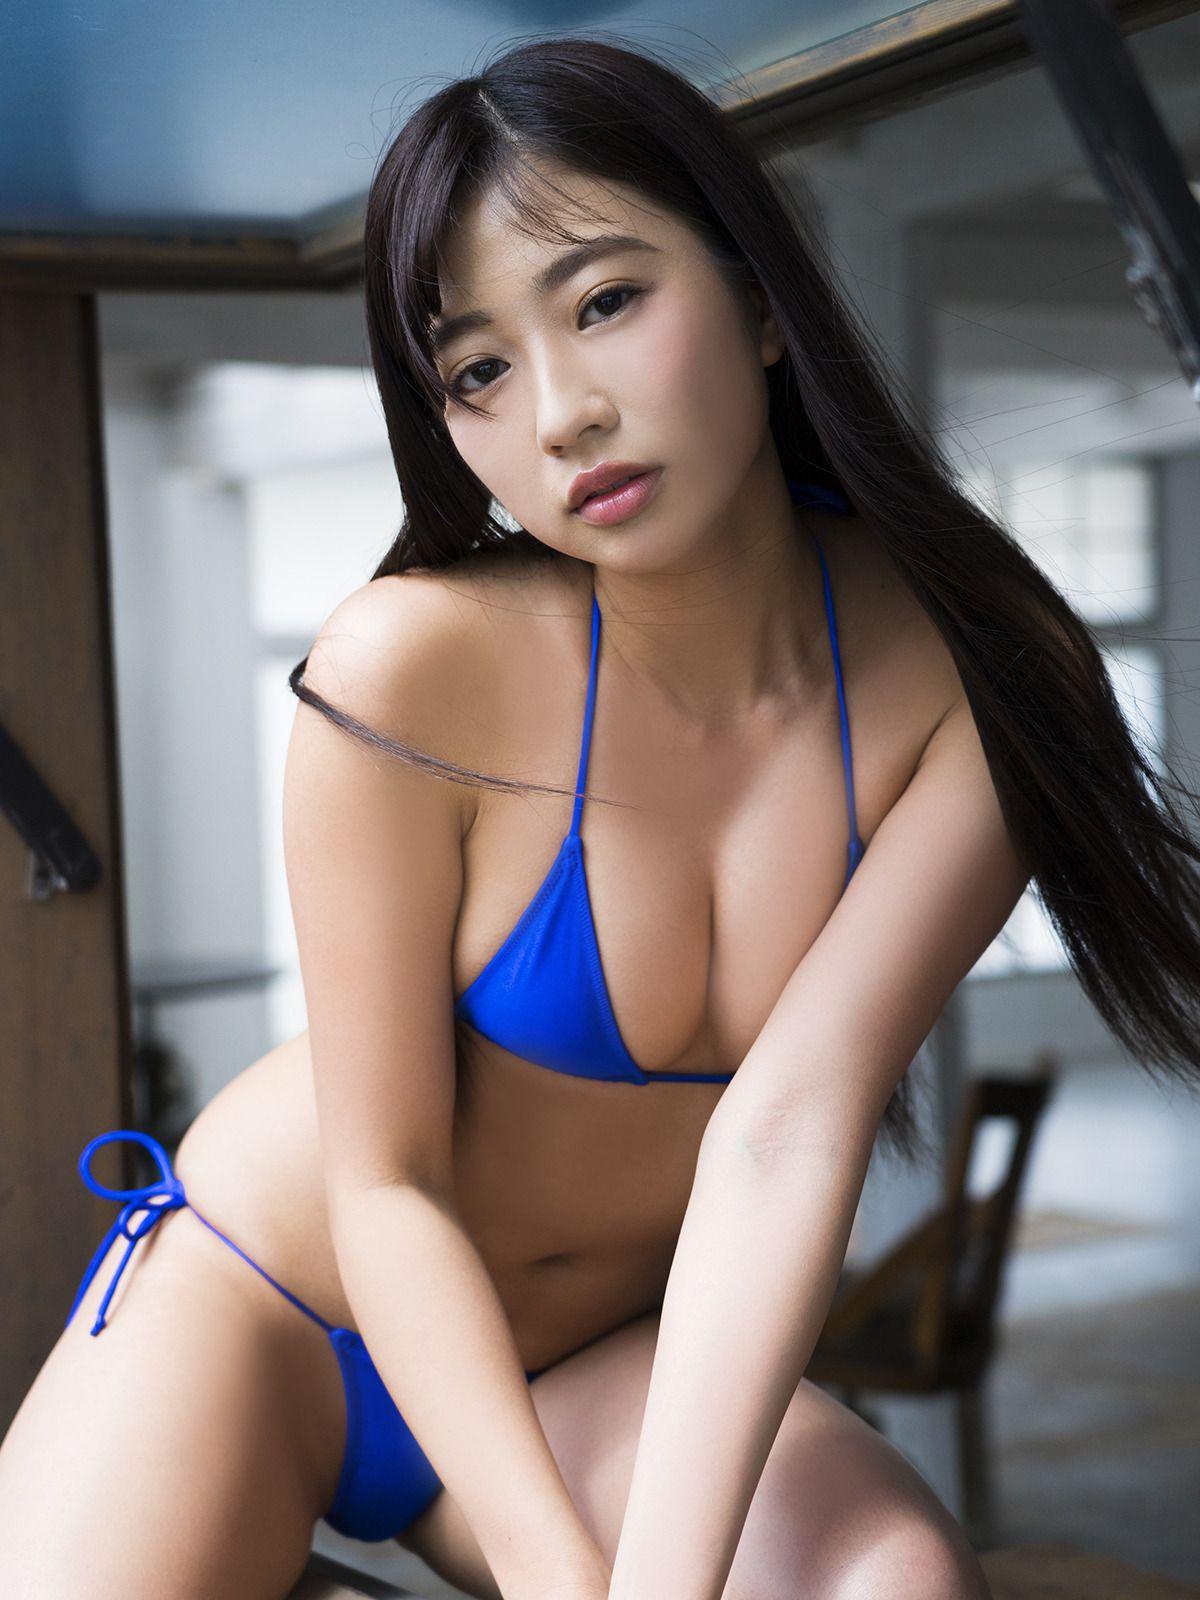 Suitable breast queen028